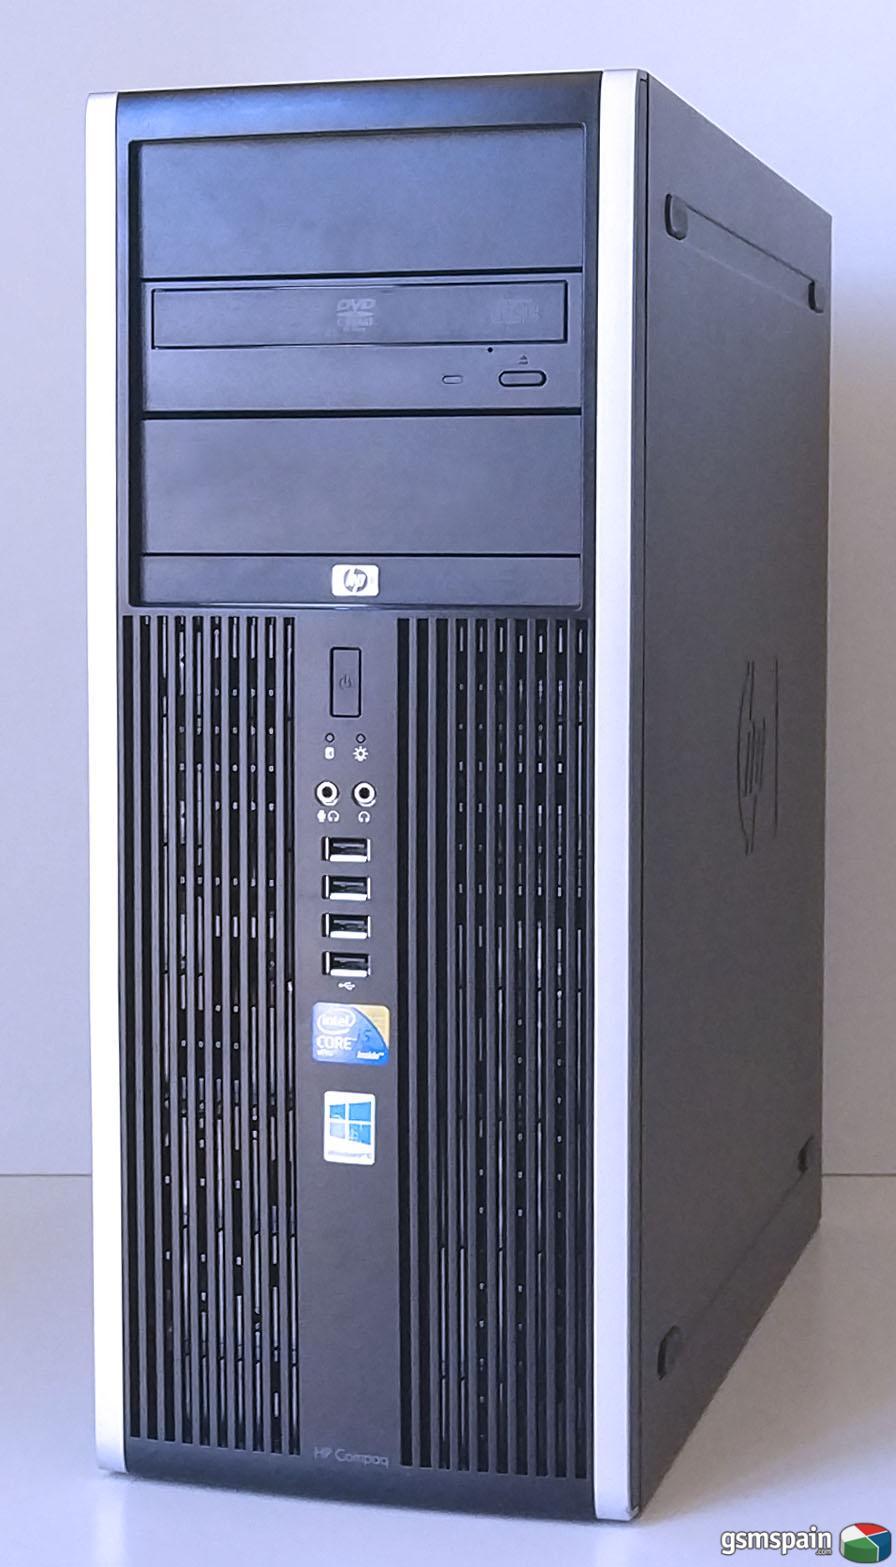 [VENDO] NUEVO, a estrenar, HP Elite 8100 i5 3,20GHz